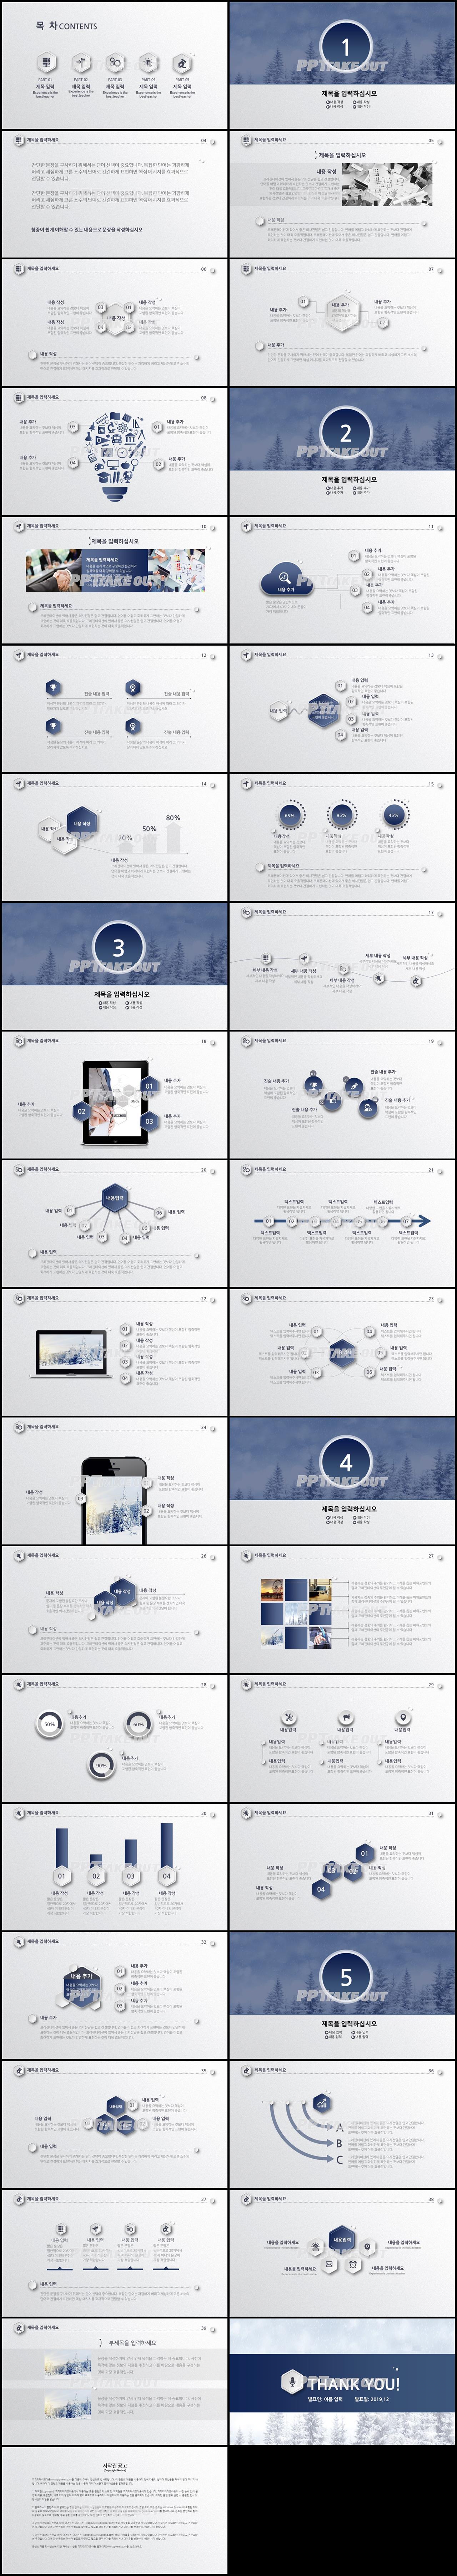 기업소개 블루 단순한 다양한 주제에 어울리는 PPT서식 디자인 상세보기